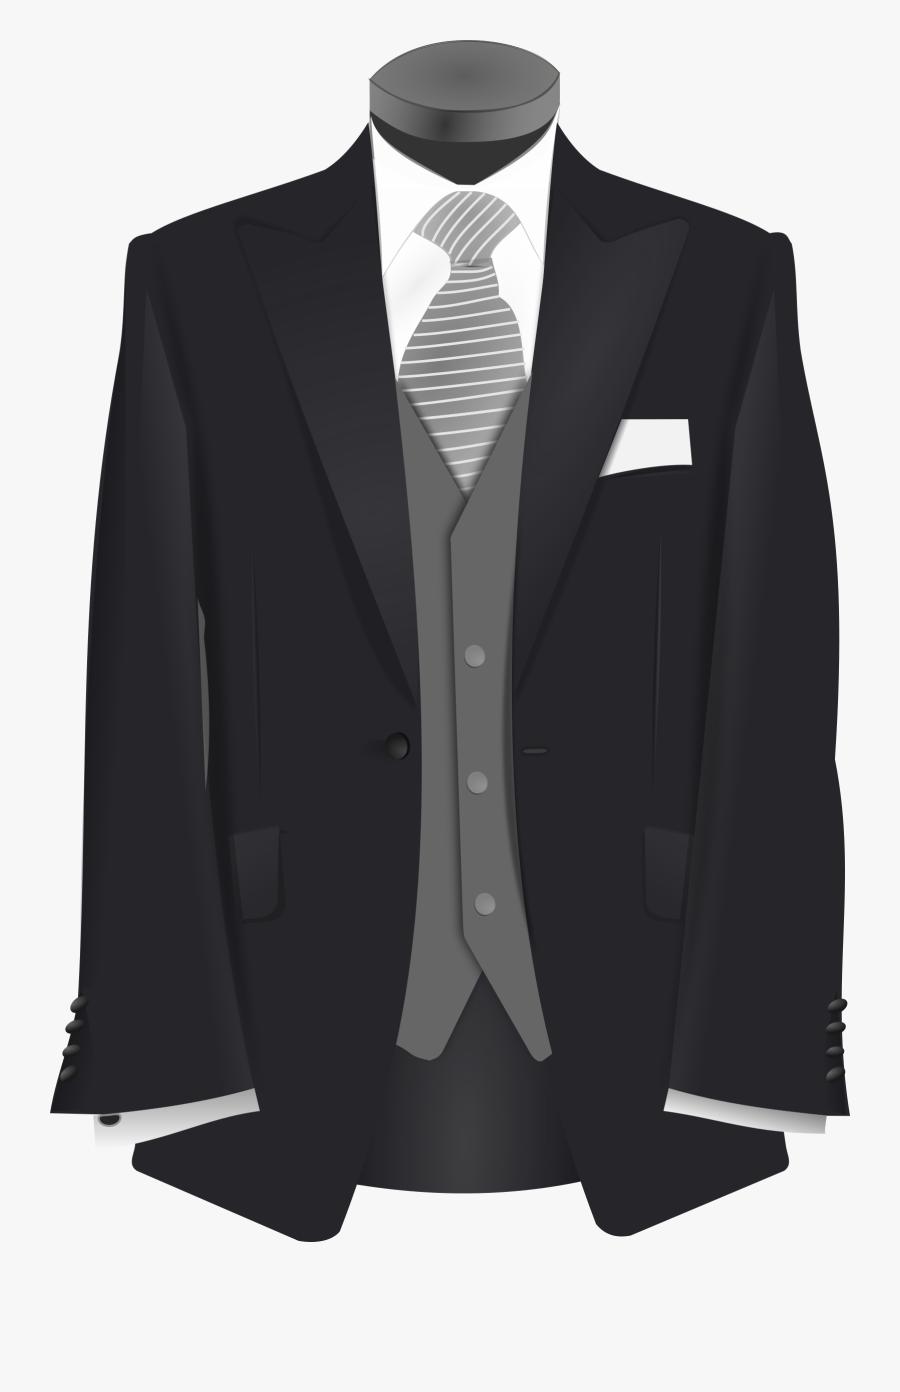 Wedding Suit - Clip Art Suit, Transparent Clipart